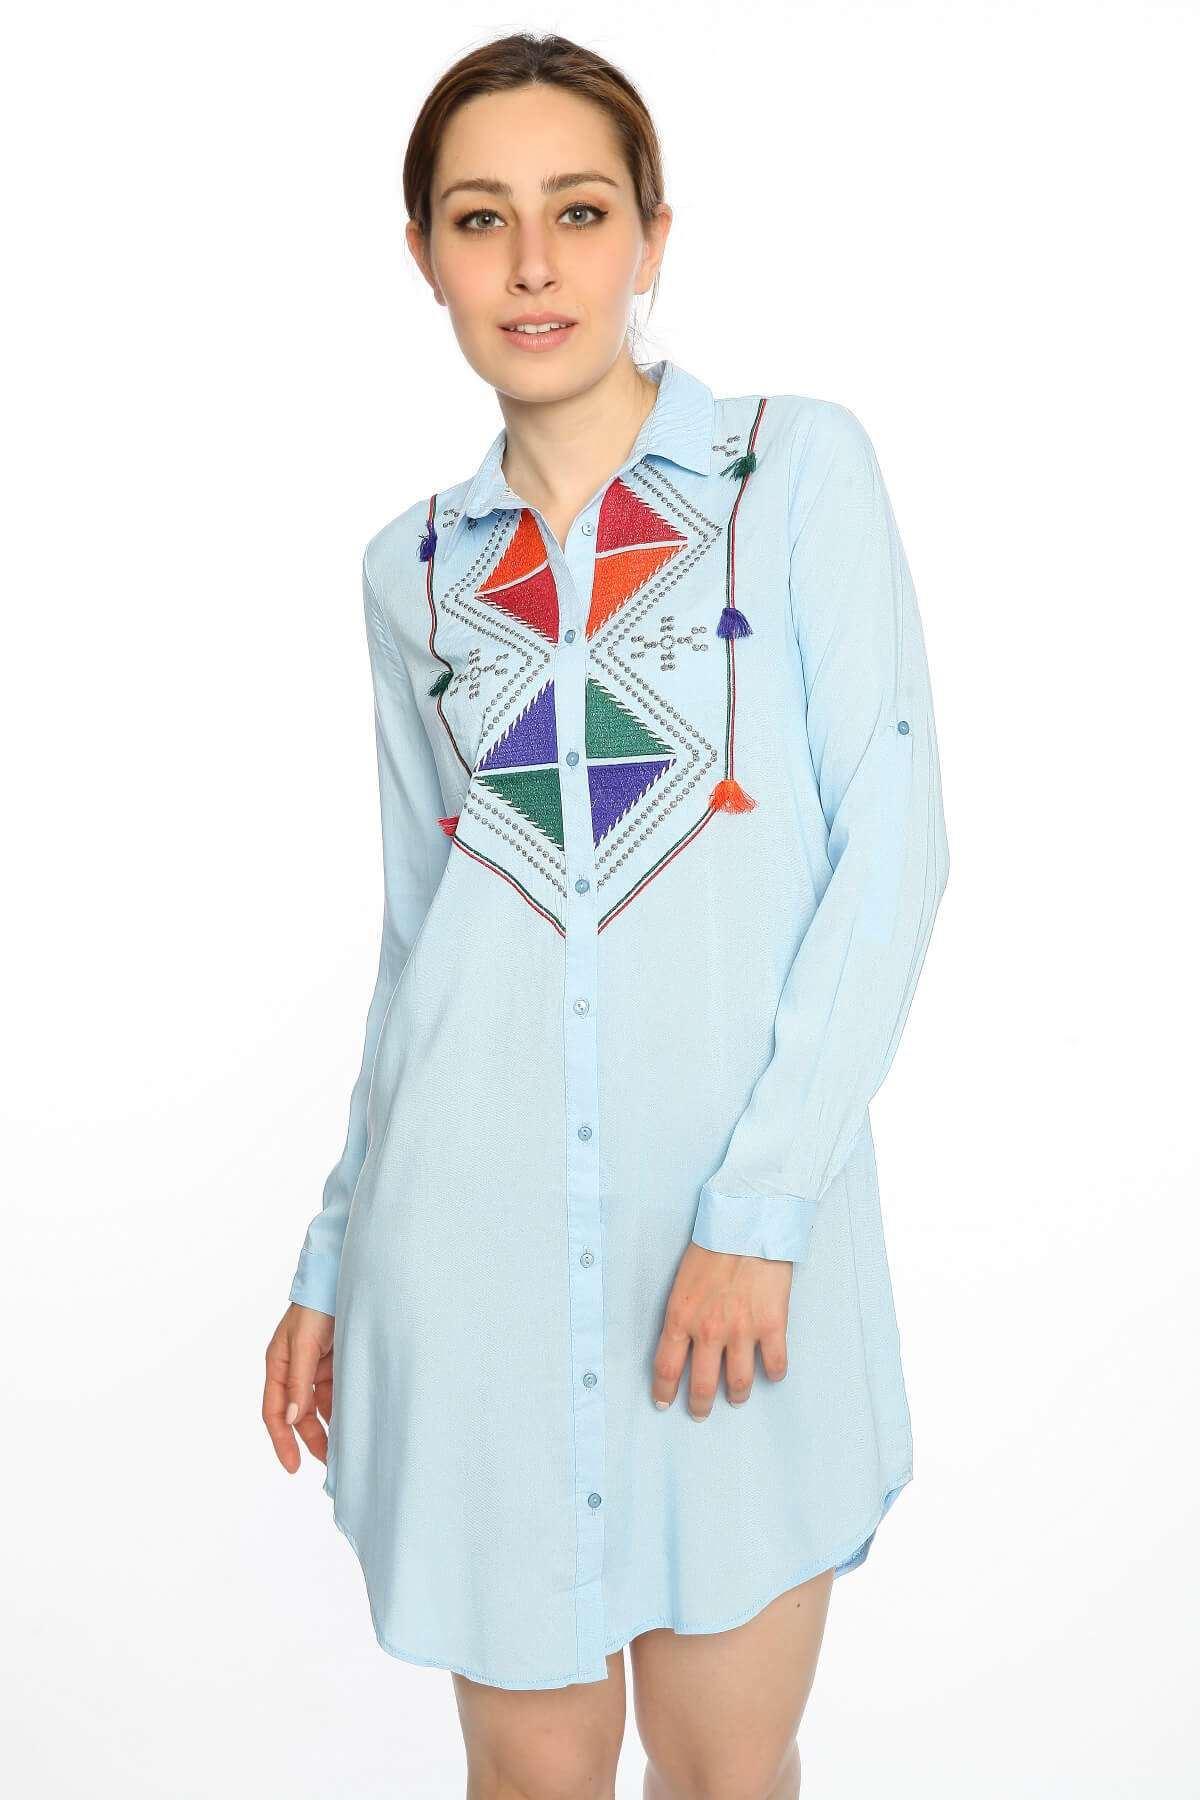 Etnik Desen Uzun Kol Tunik Gömlek Mavi